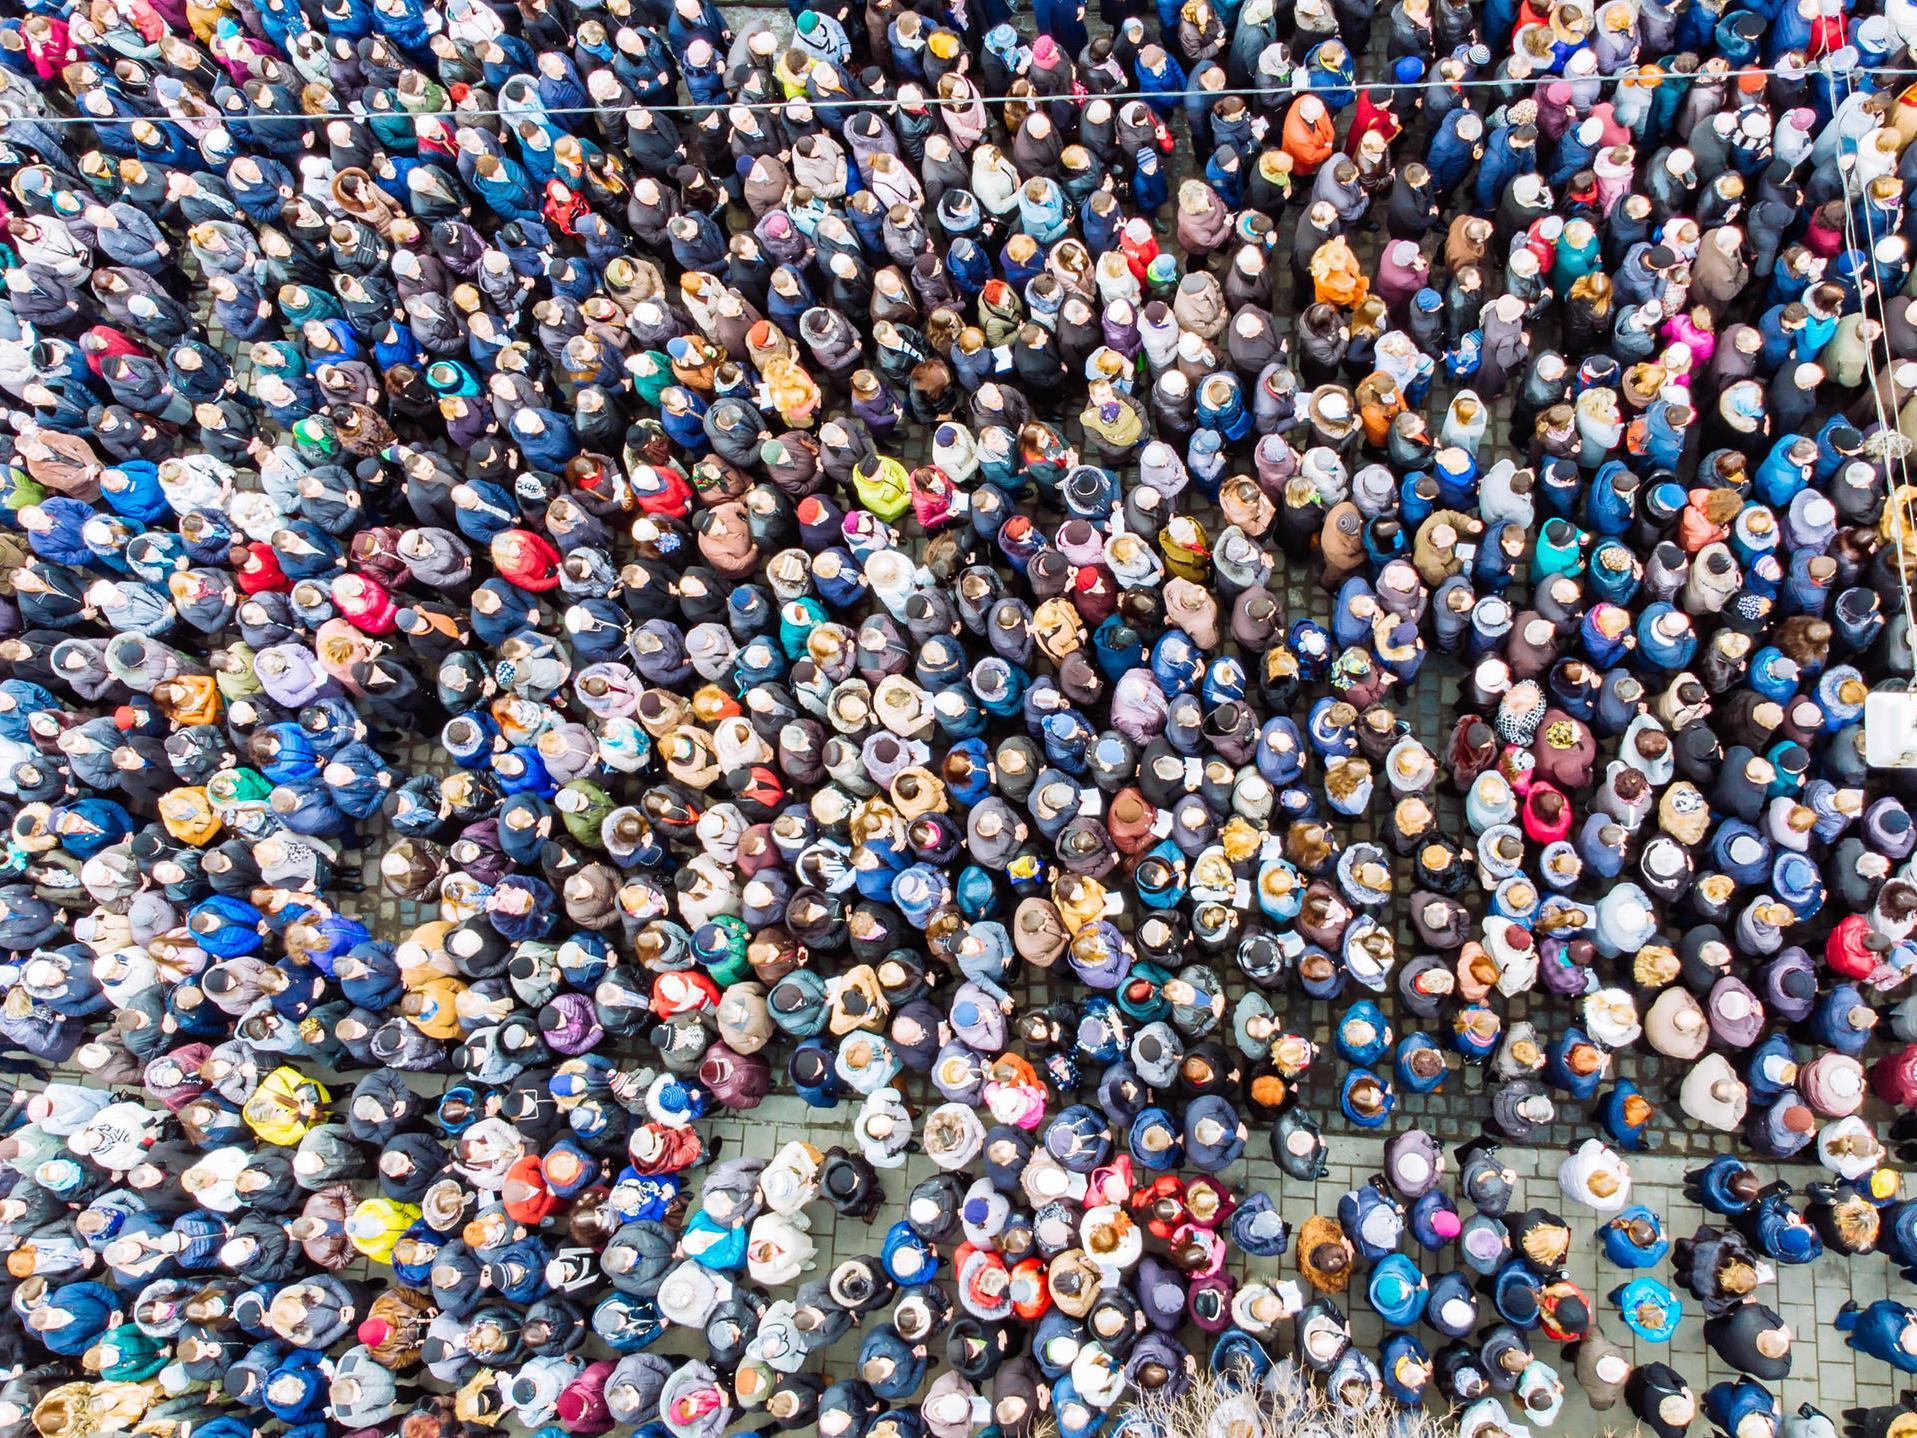 Bevölkerungsentwicklung: So Viele Menschen Leben Jetzt Auf bei Wie Viele Menschen Gibt Es In Der Welt